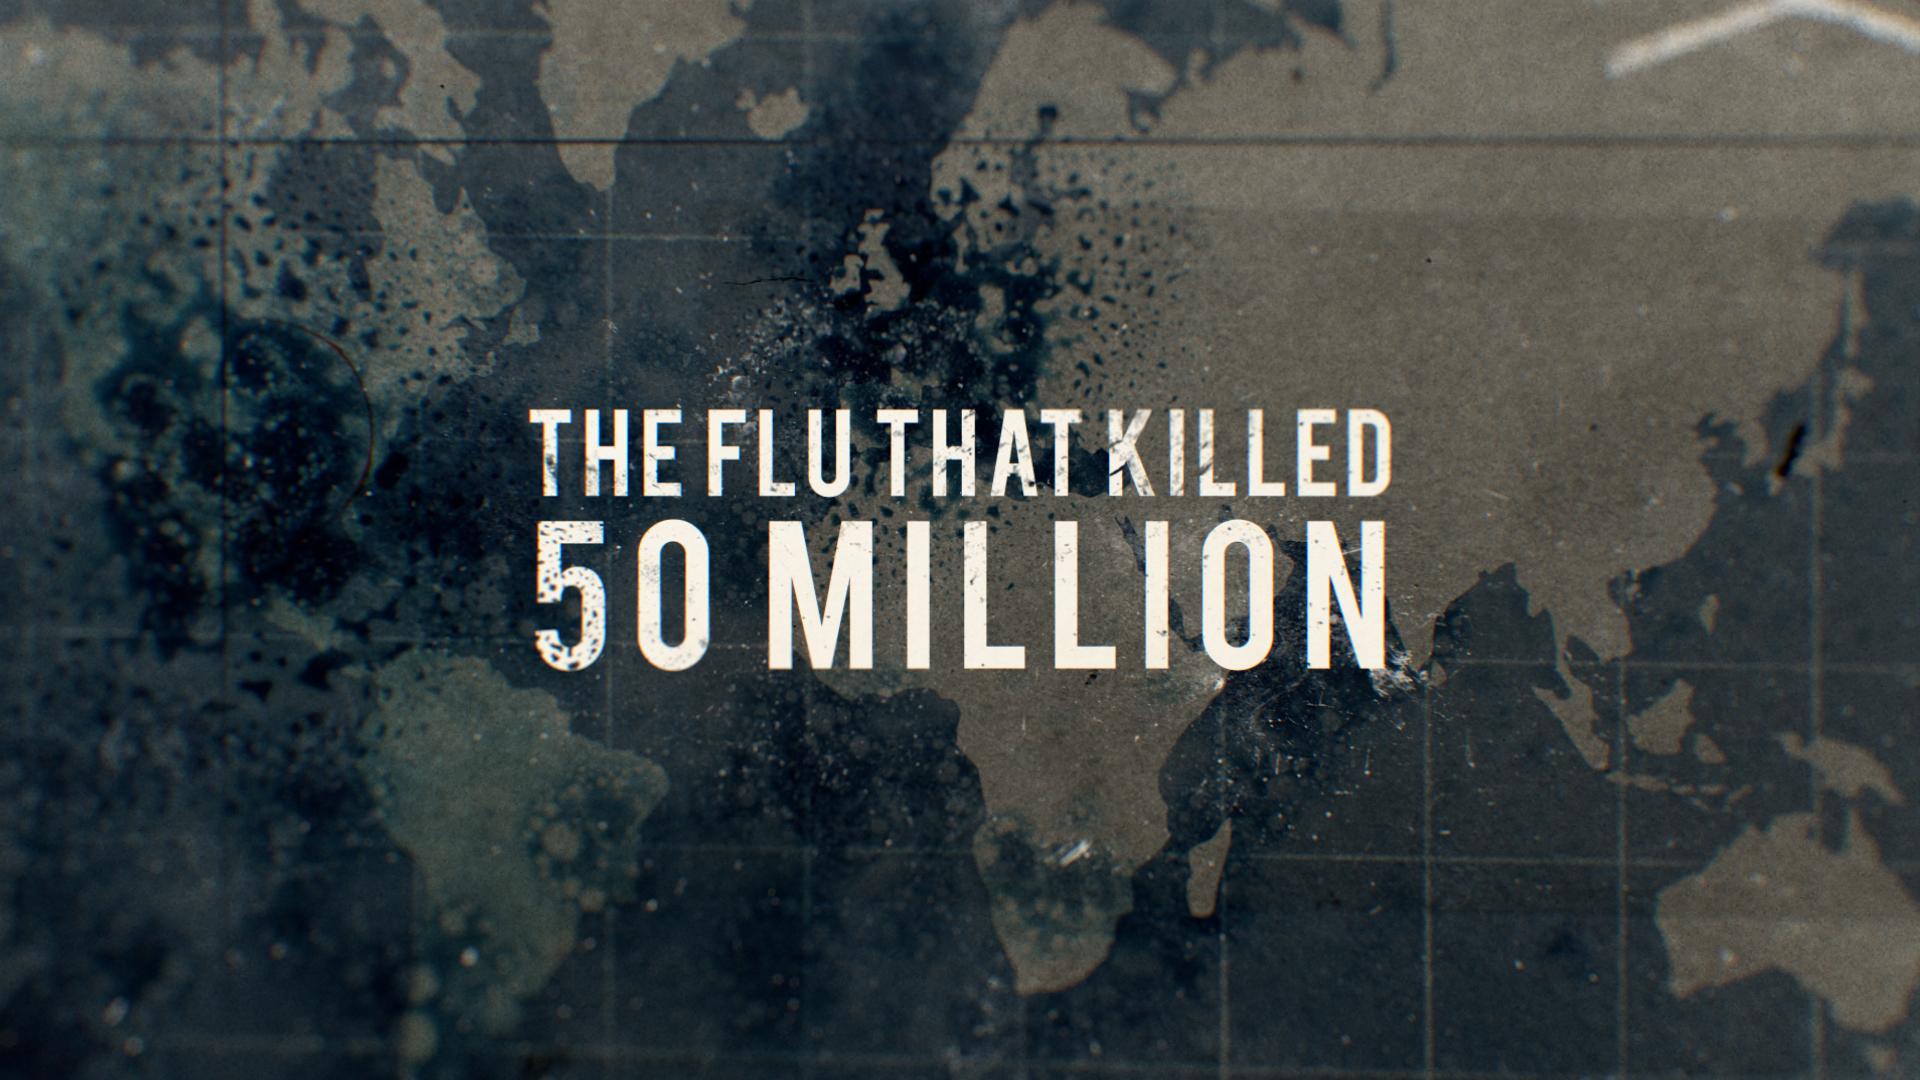 آنفلوانزایی که ۵۰ میلیون نفر را کشت (مستند)